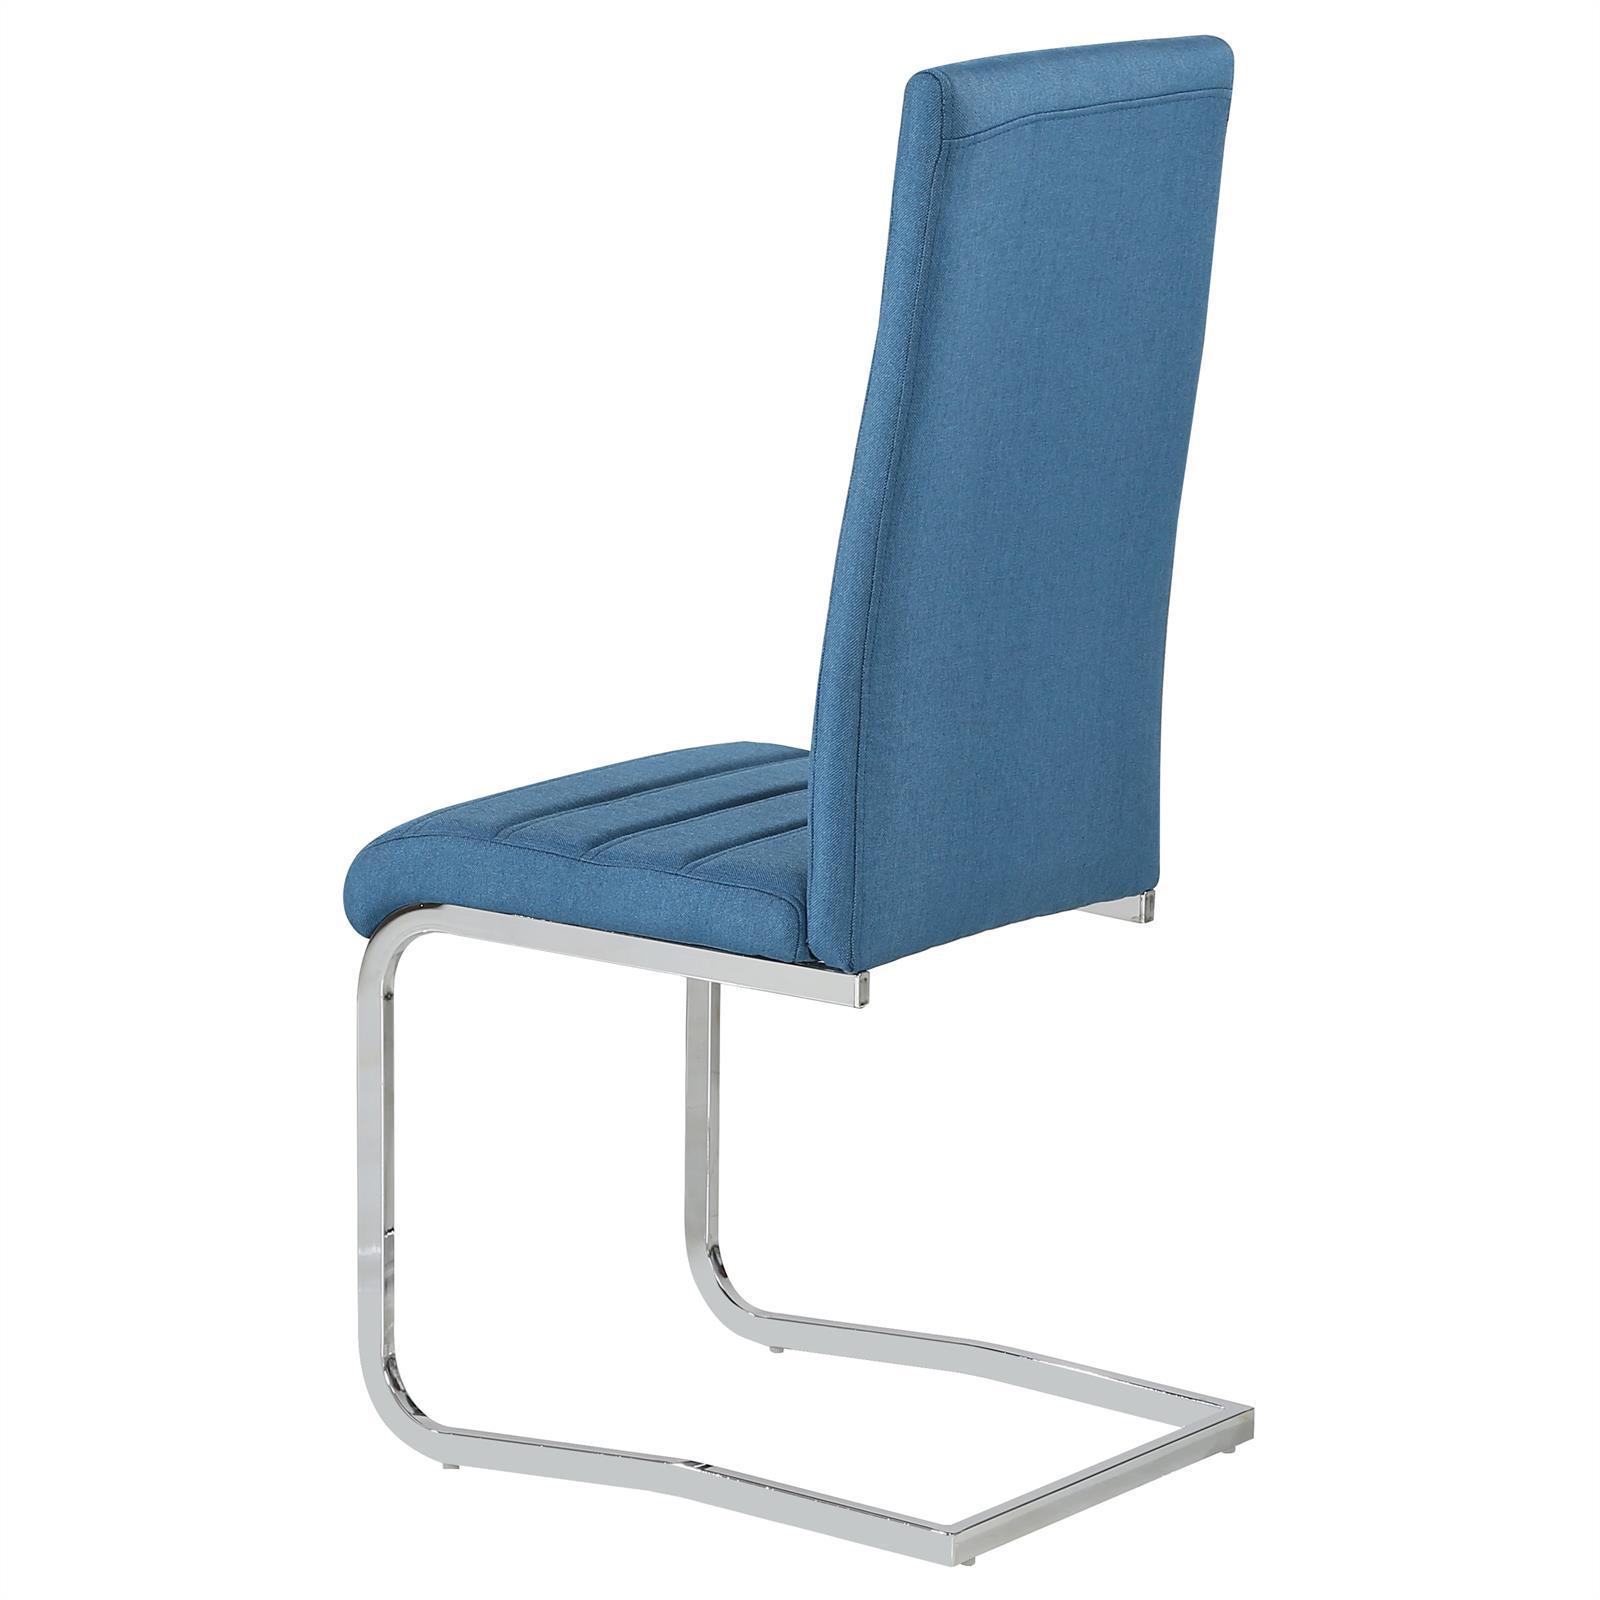 4er set esszimmerstuhl k chenstuhl schwingstuhl stoffbezug chrom modernes design ebay. Black Bedroom Furniture Sets. Home Design Ideas